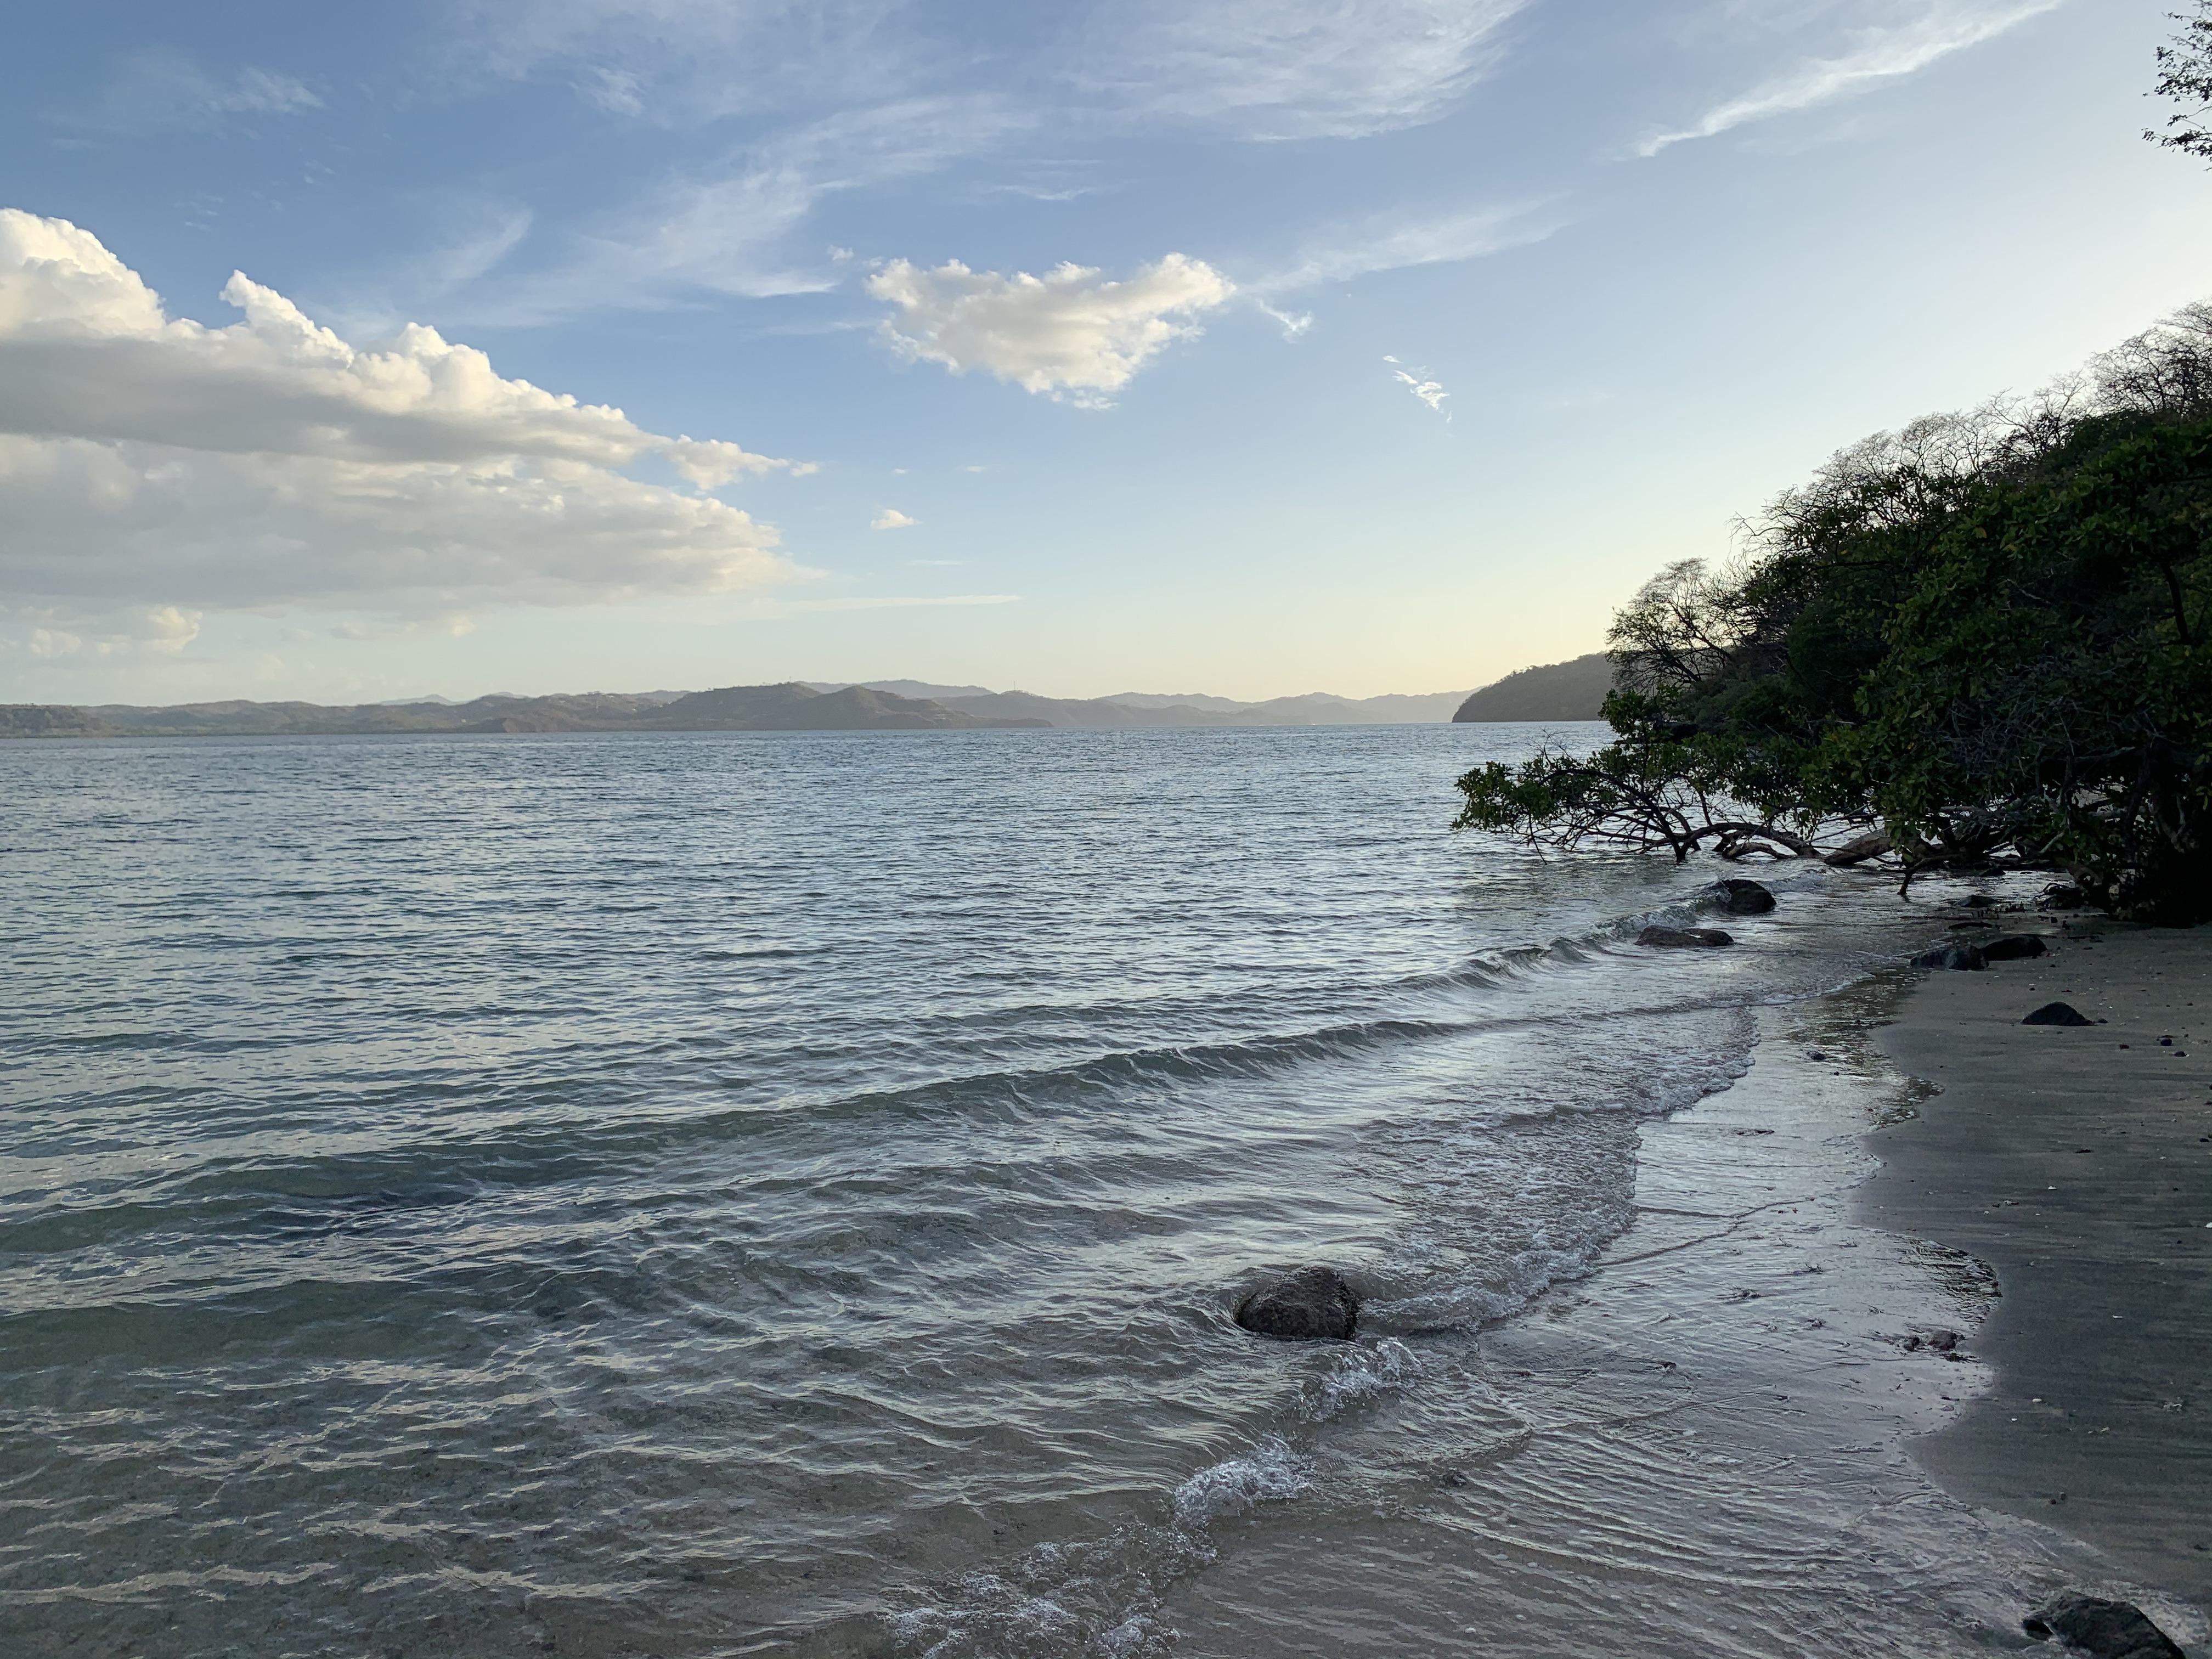 Andaz Costa Rica Resort at Peninsula Papagayo Review